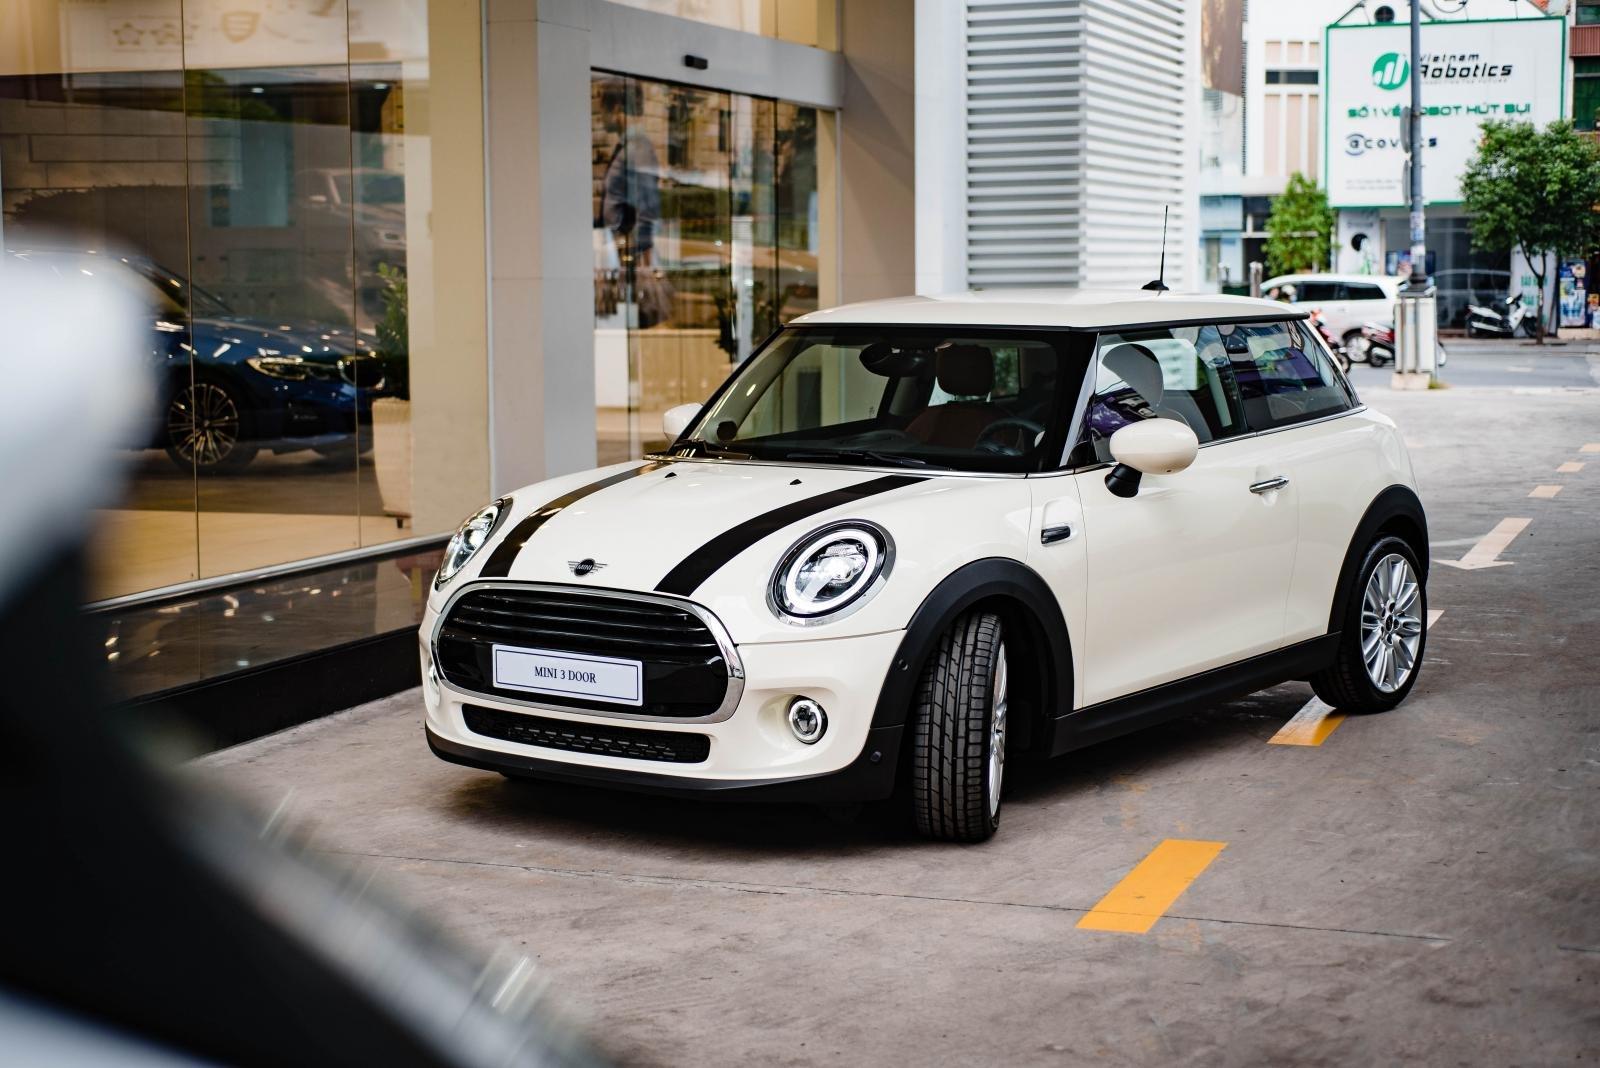 Thaco giới thiệu MINI Cooper 3 cửa và MINI One 5 cửa mới giá từ 1,579 tỷ đồng a2